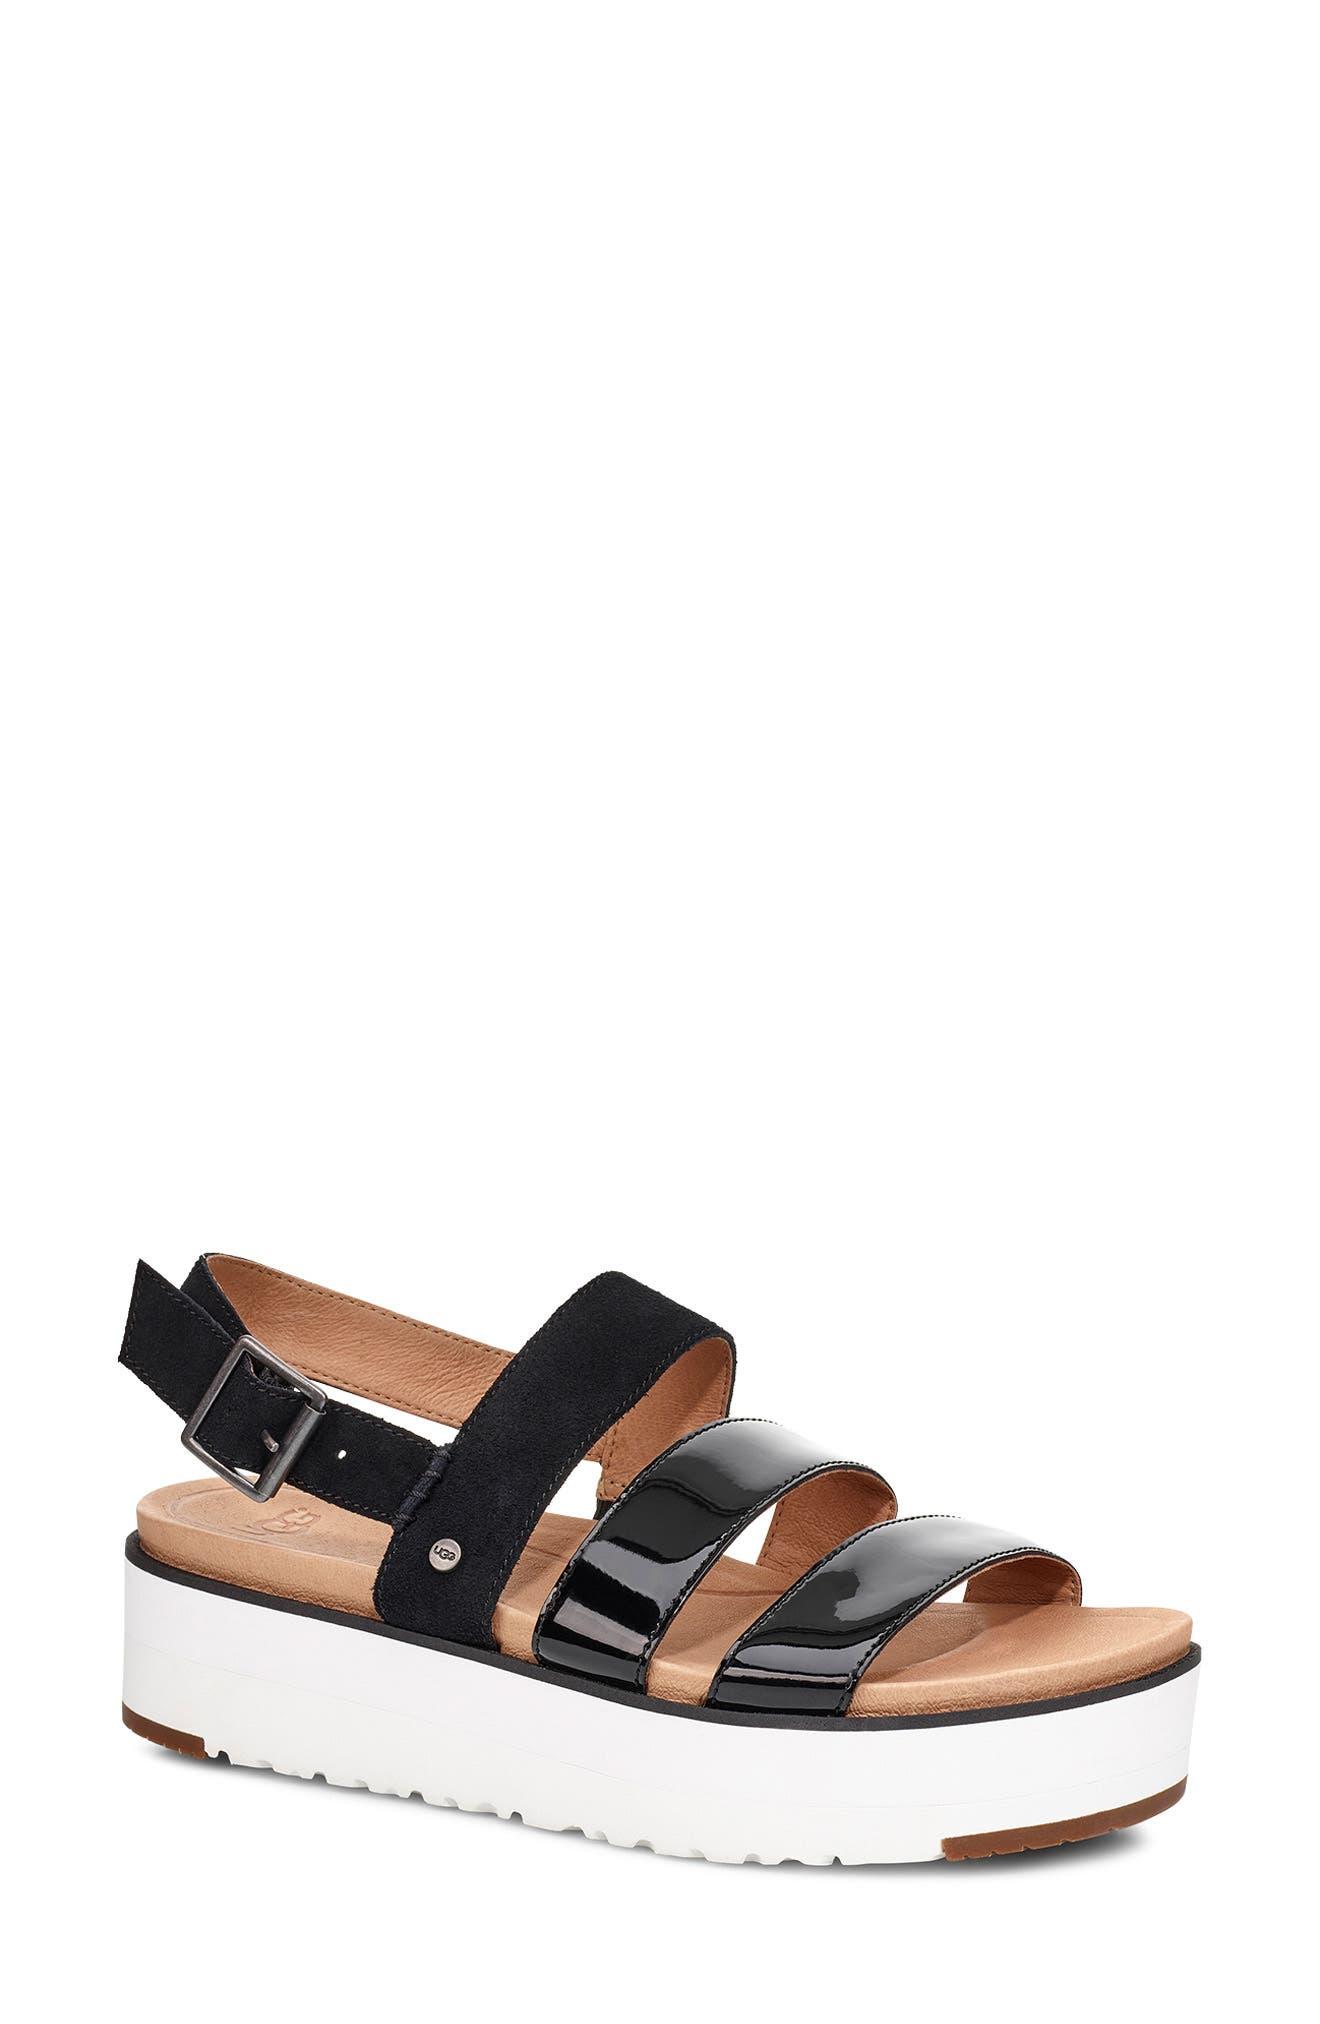 Braelynn Flatform Sandal, Main, color, BLACK LEATHER